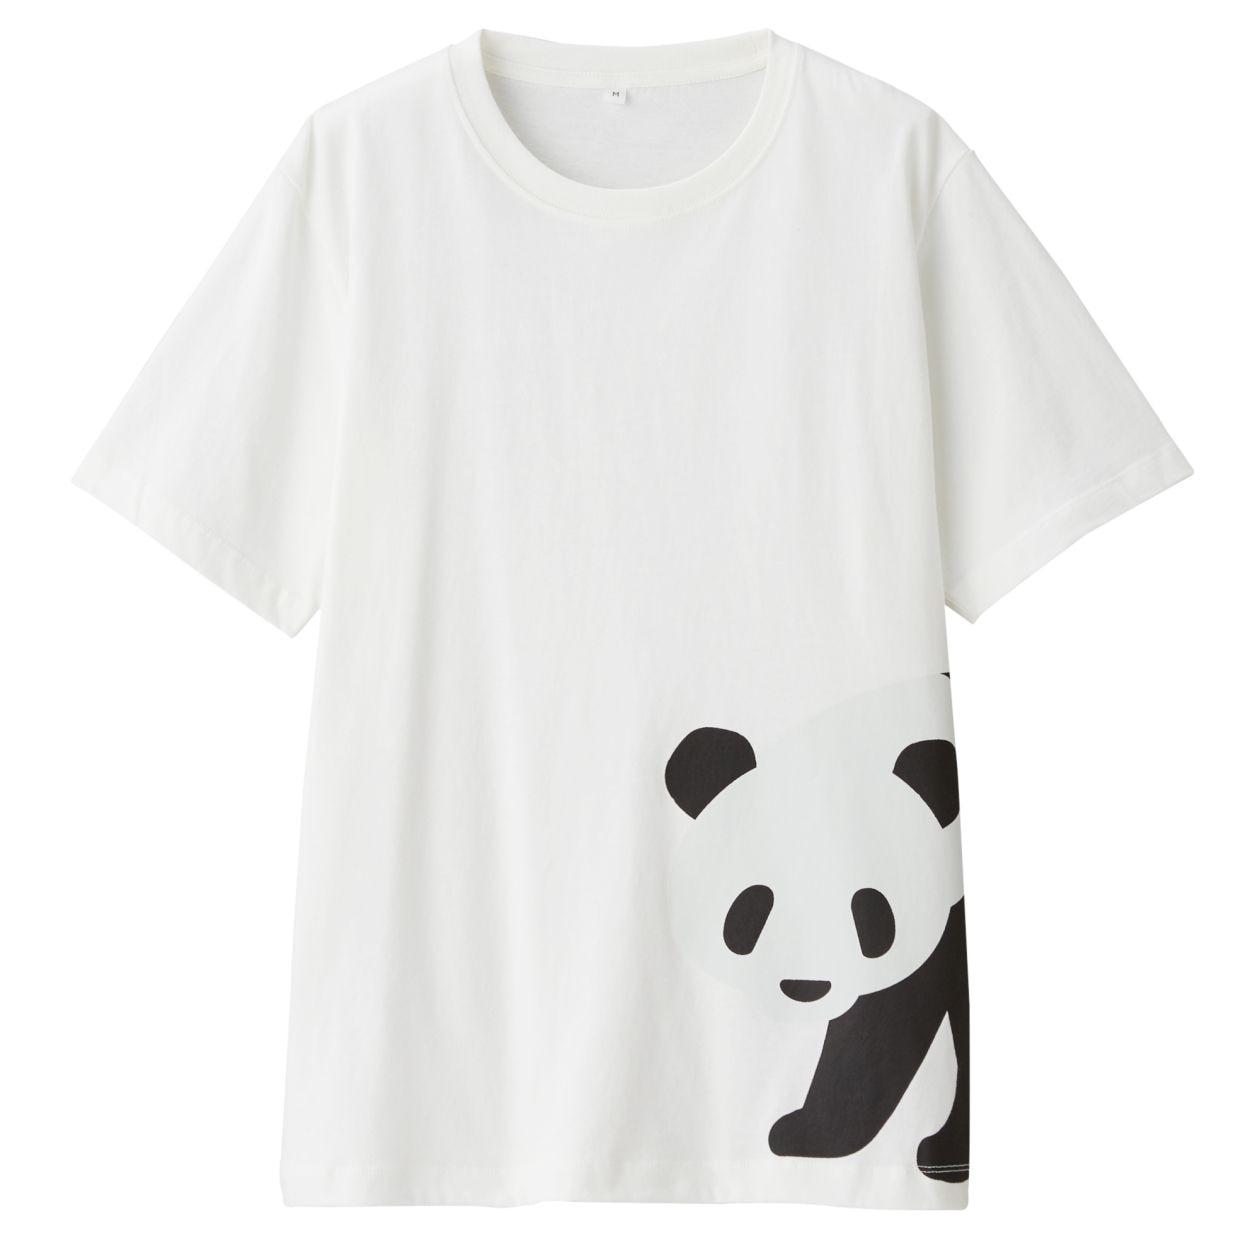 インド綿天竺編みプリントTシャツ(大人サイズ)ネット限定